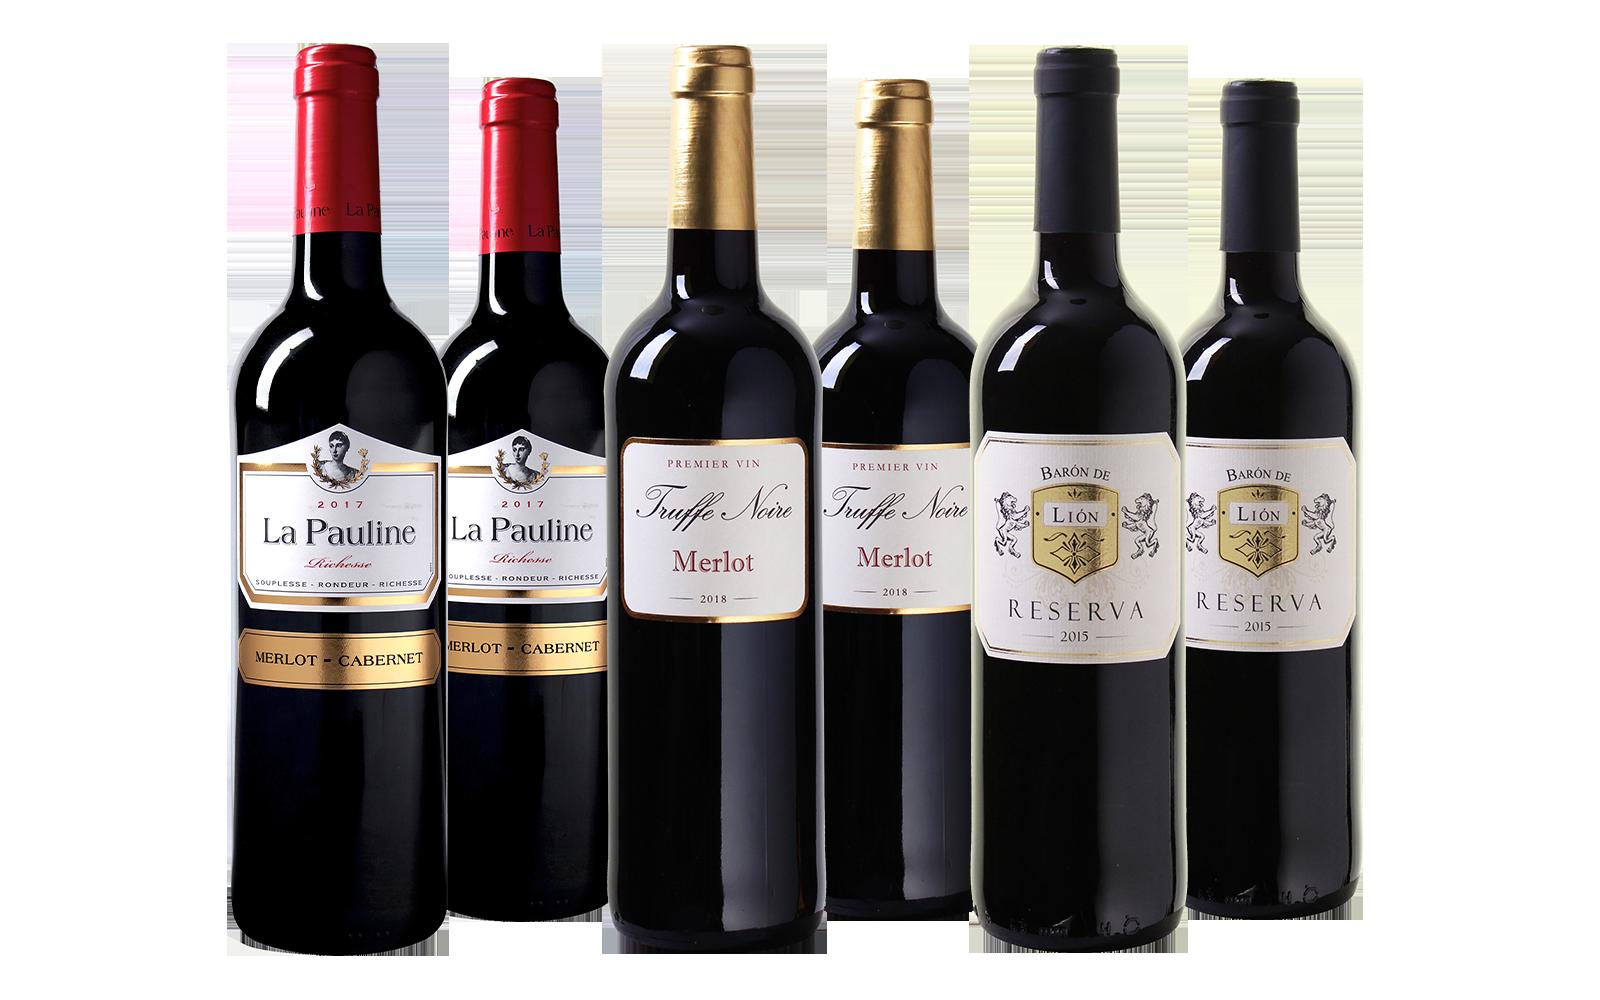 Wijnbeurs Top 3 Wijnpakket